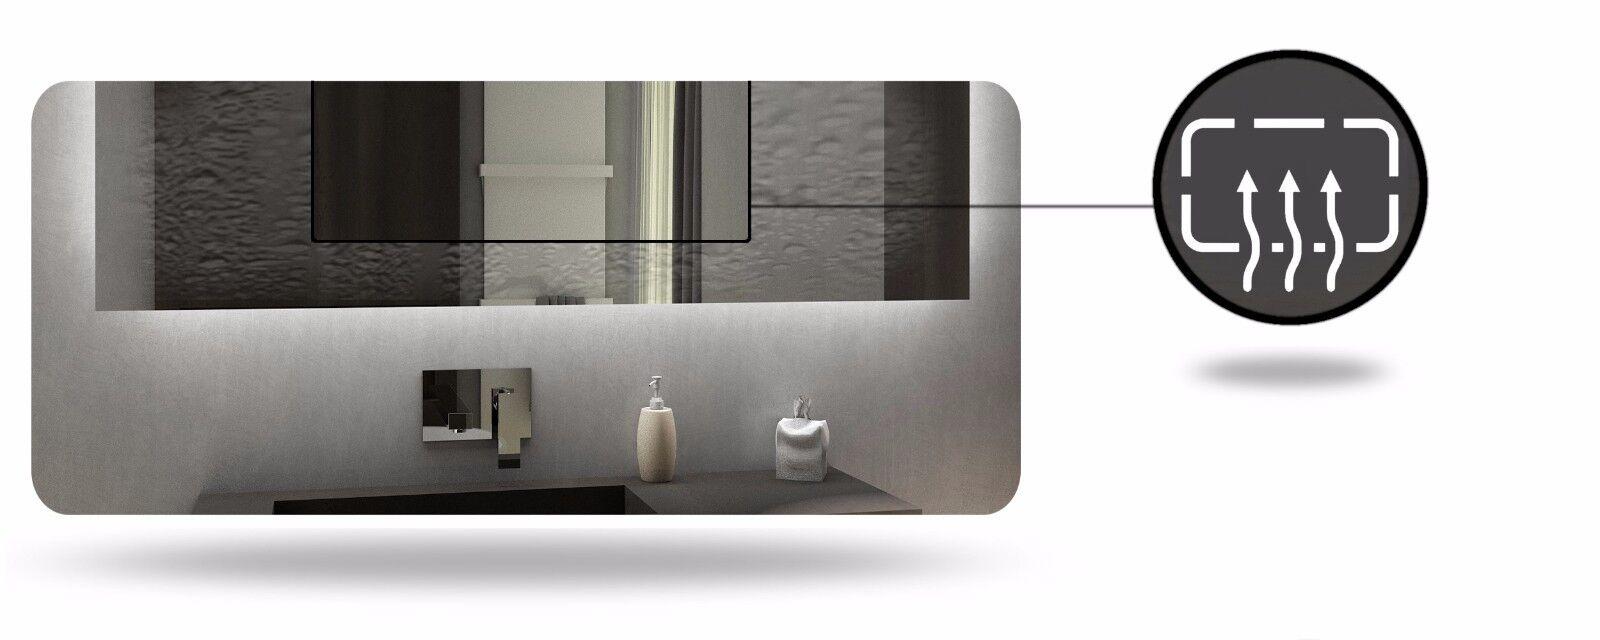 Badspiegel Badspiegel Badspiegel mit LED Beleuchtung   Uhr   Wetterstation   Schalter   Touch   Birma 852e0b